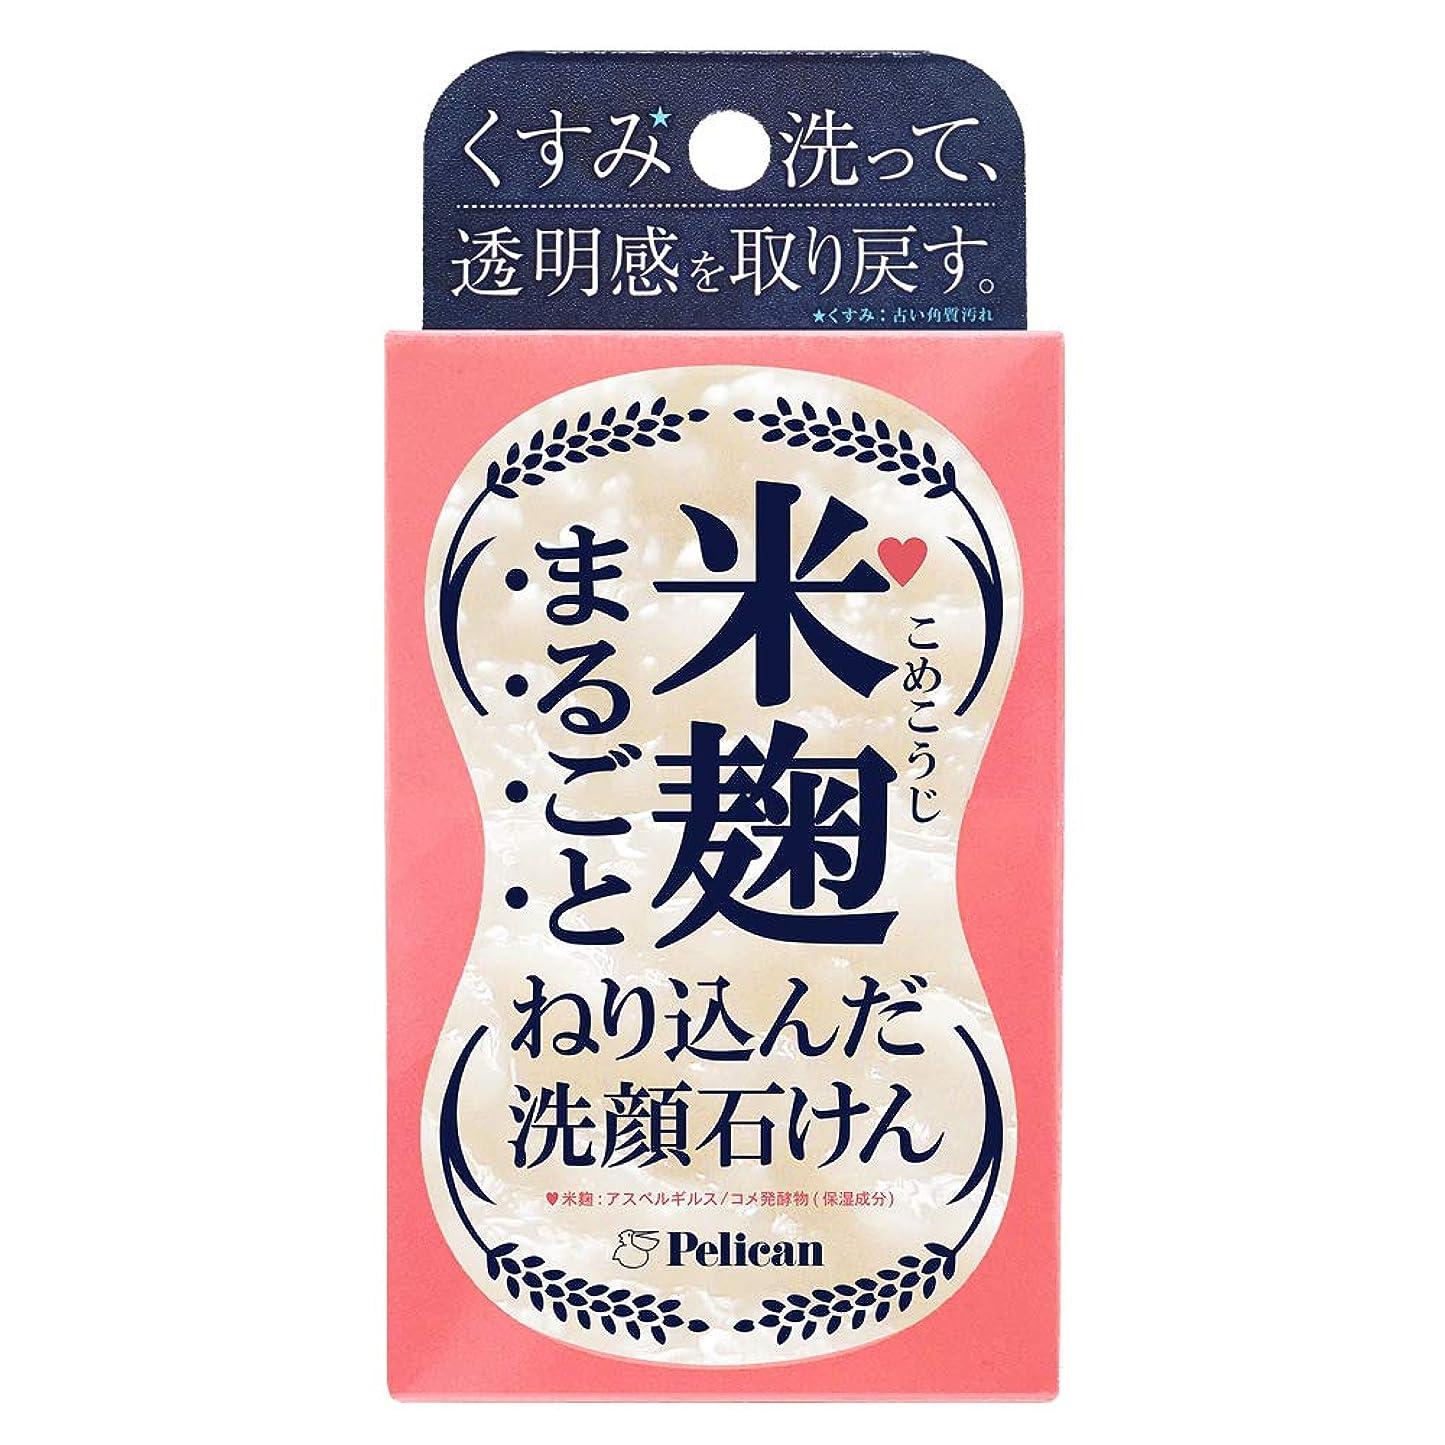 ピーク風邪をひく飛行場ペリカン石鹸 米麹まるごとねり込んだ洗顔石けん 75g